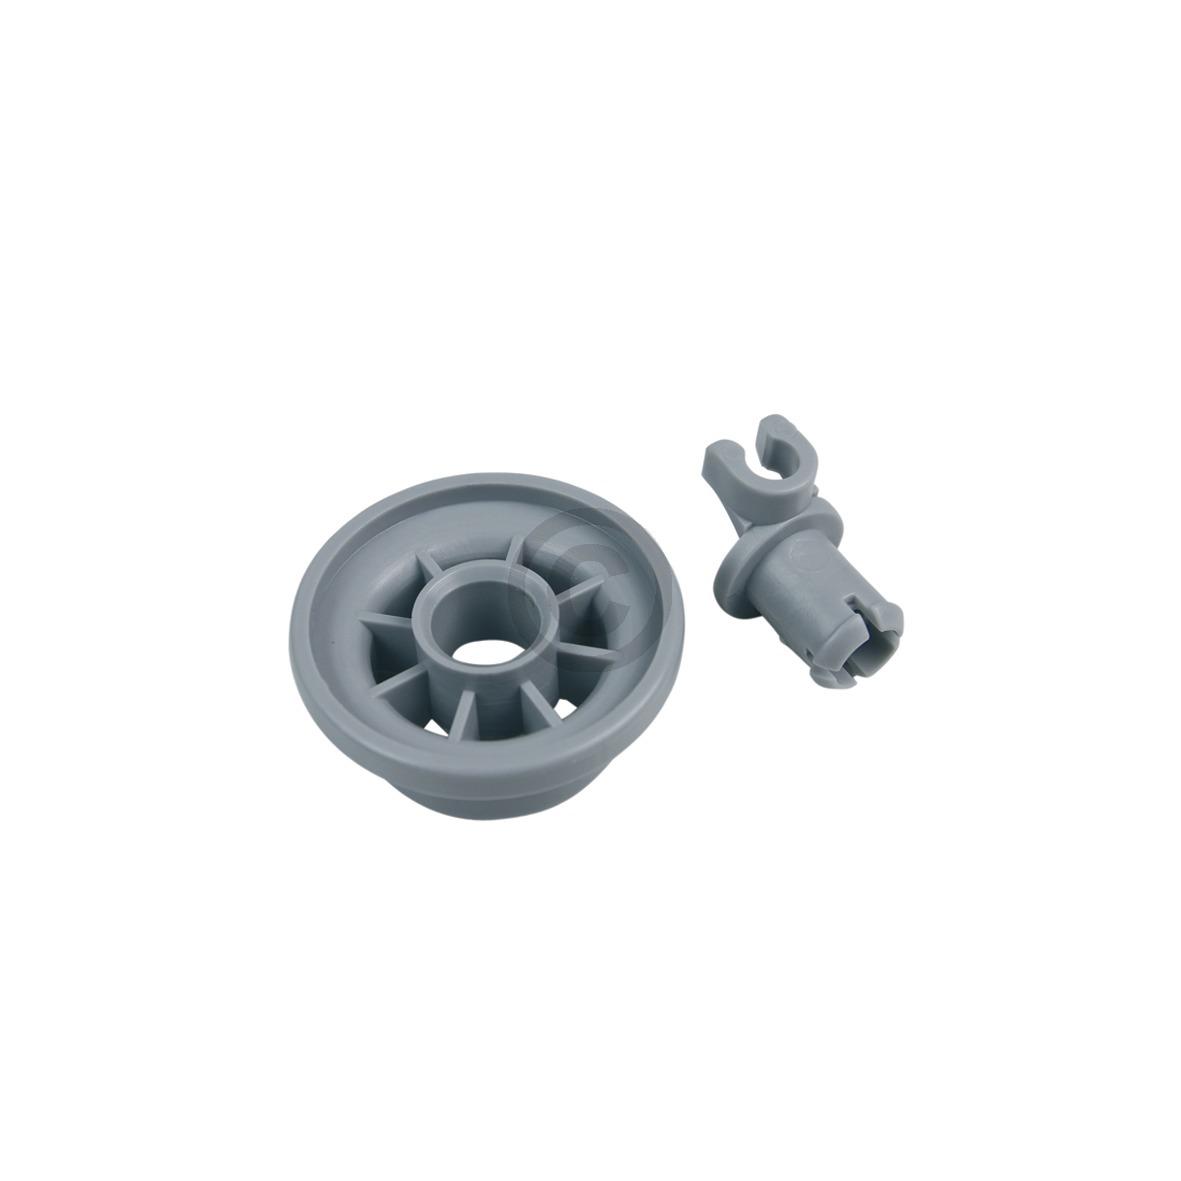 Korbrolle für Unterkorb, 1 Stück, AT! 00165314 165314 Bosch, Siemens, Neff